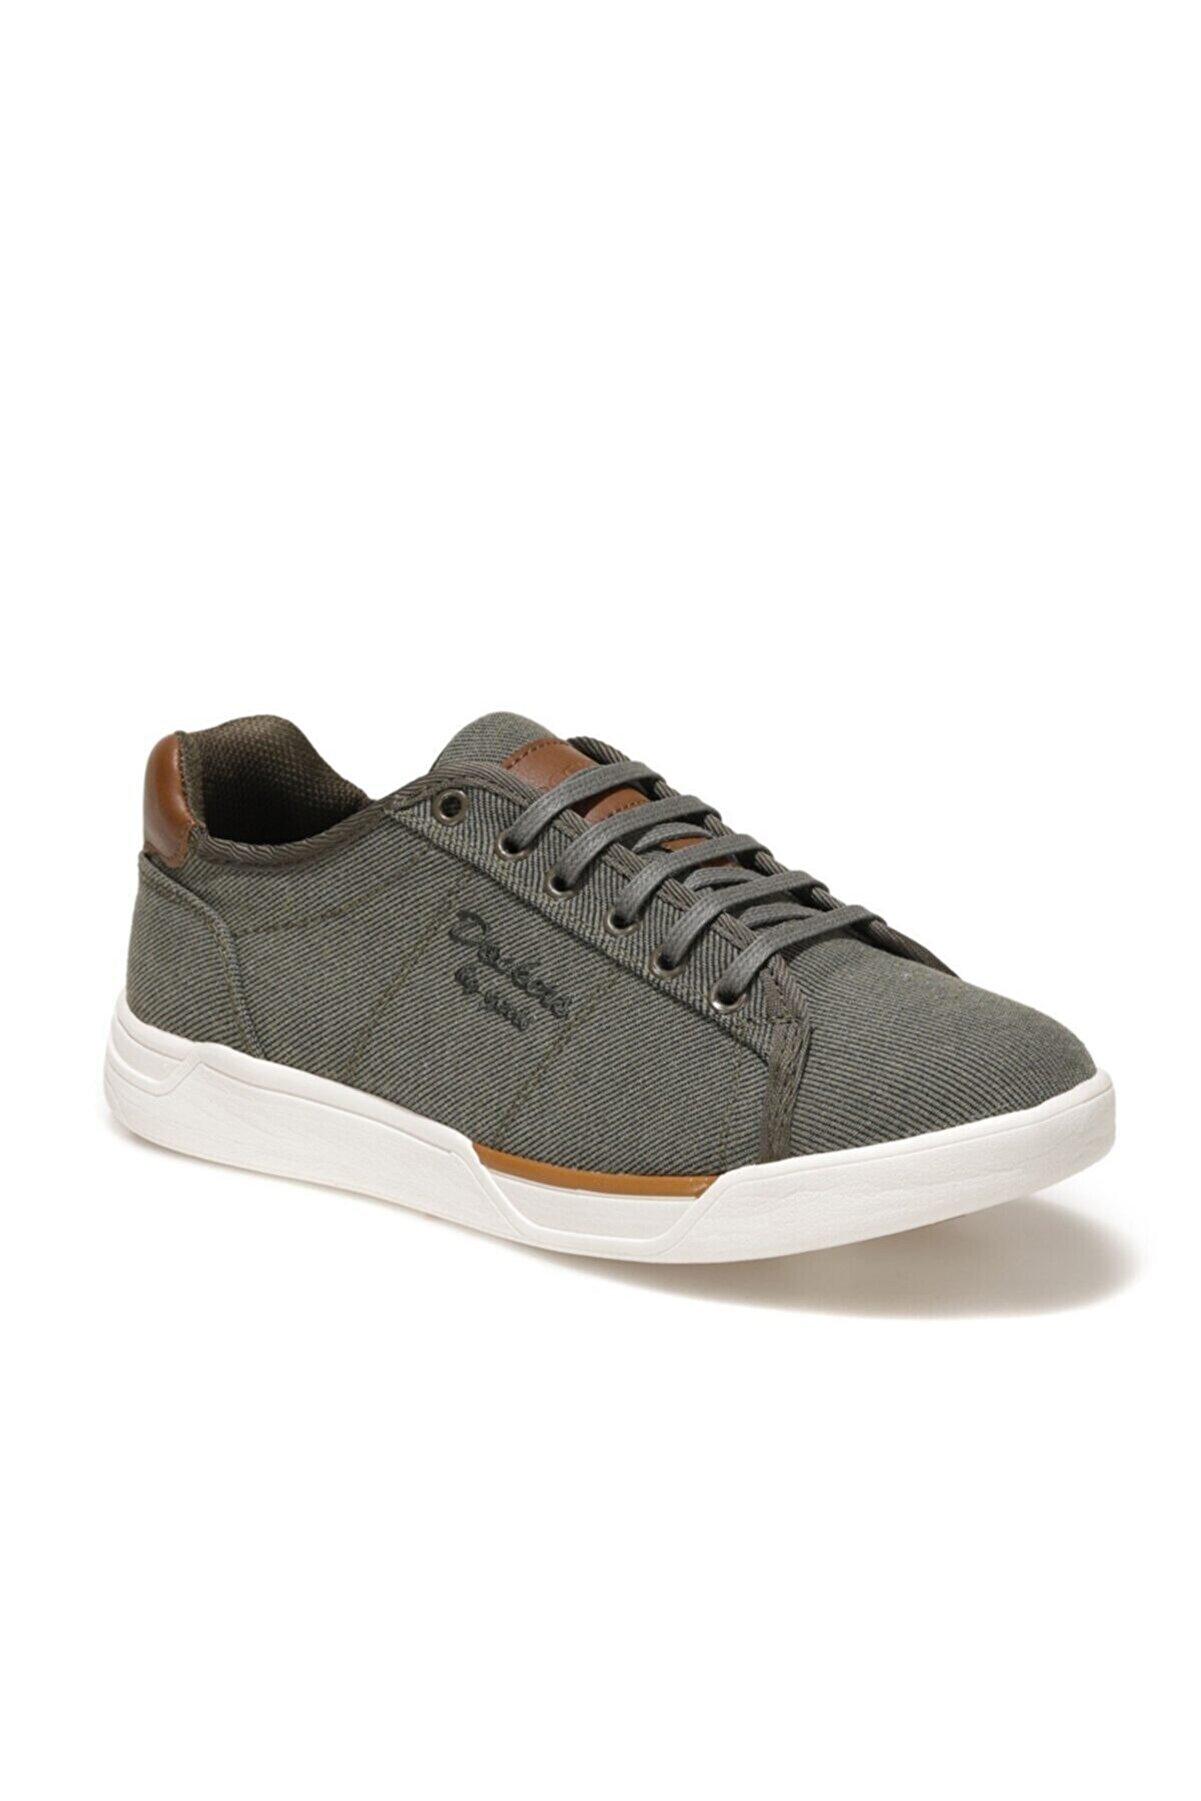 Dockers 230166 1FX Haki Erkek Sneaker Ayakkabı 100916737